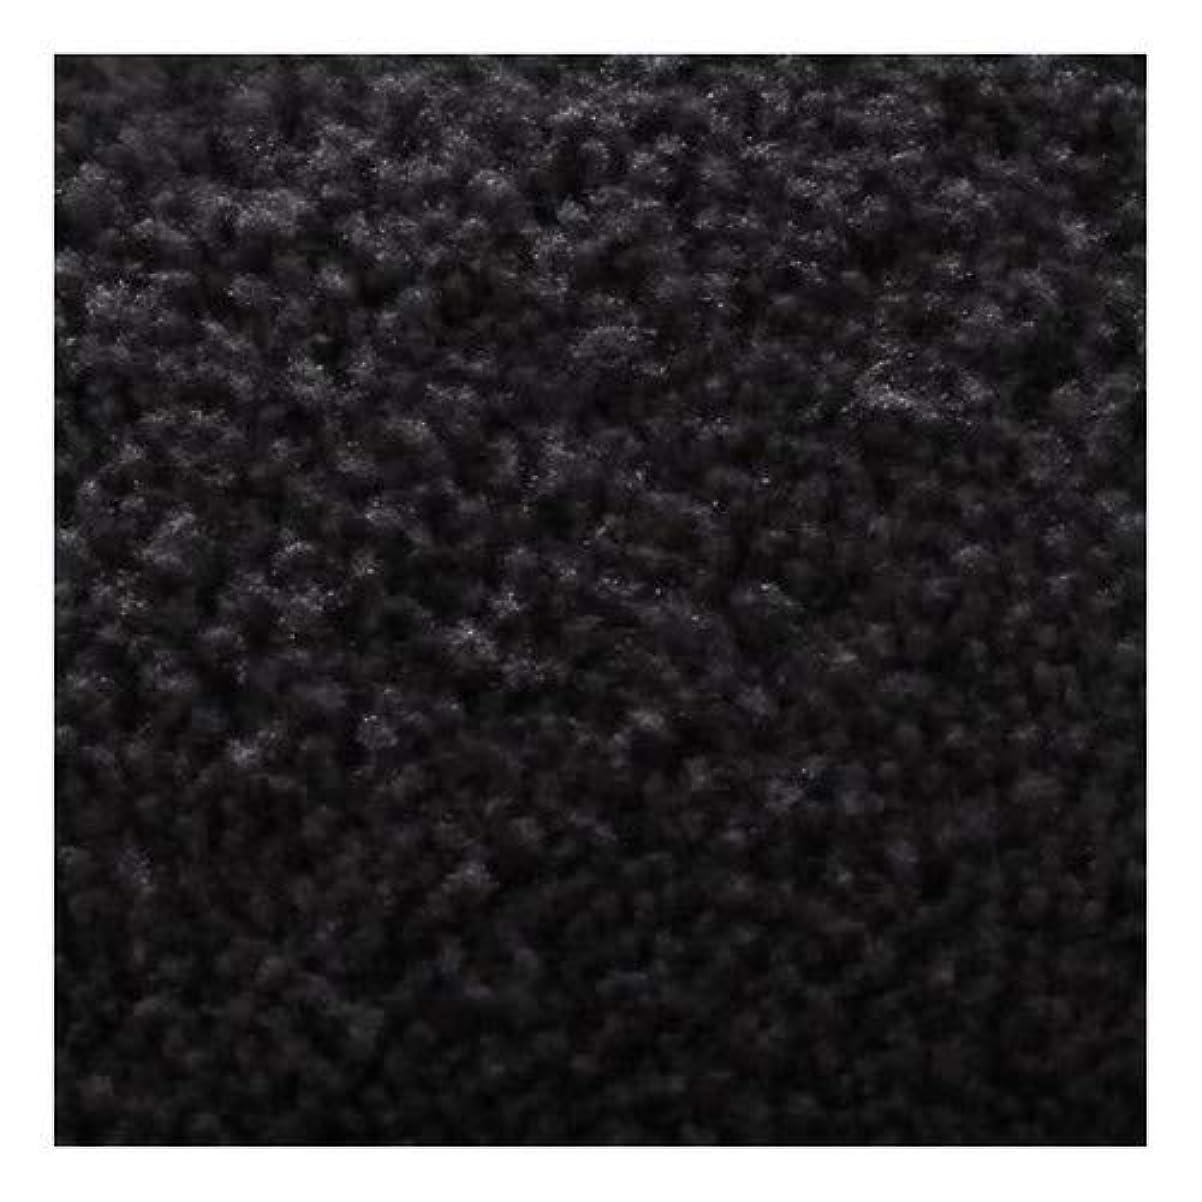 いたずらな想定するタヒチサイレントブラック 190×240cm マイクロファイバーラグ moofy ムーフィ【????????品】